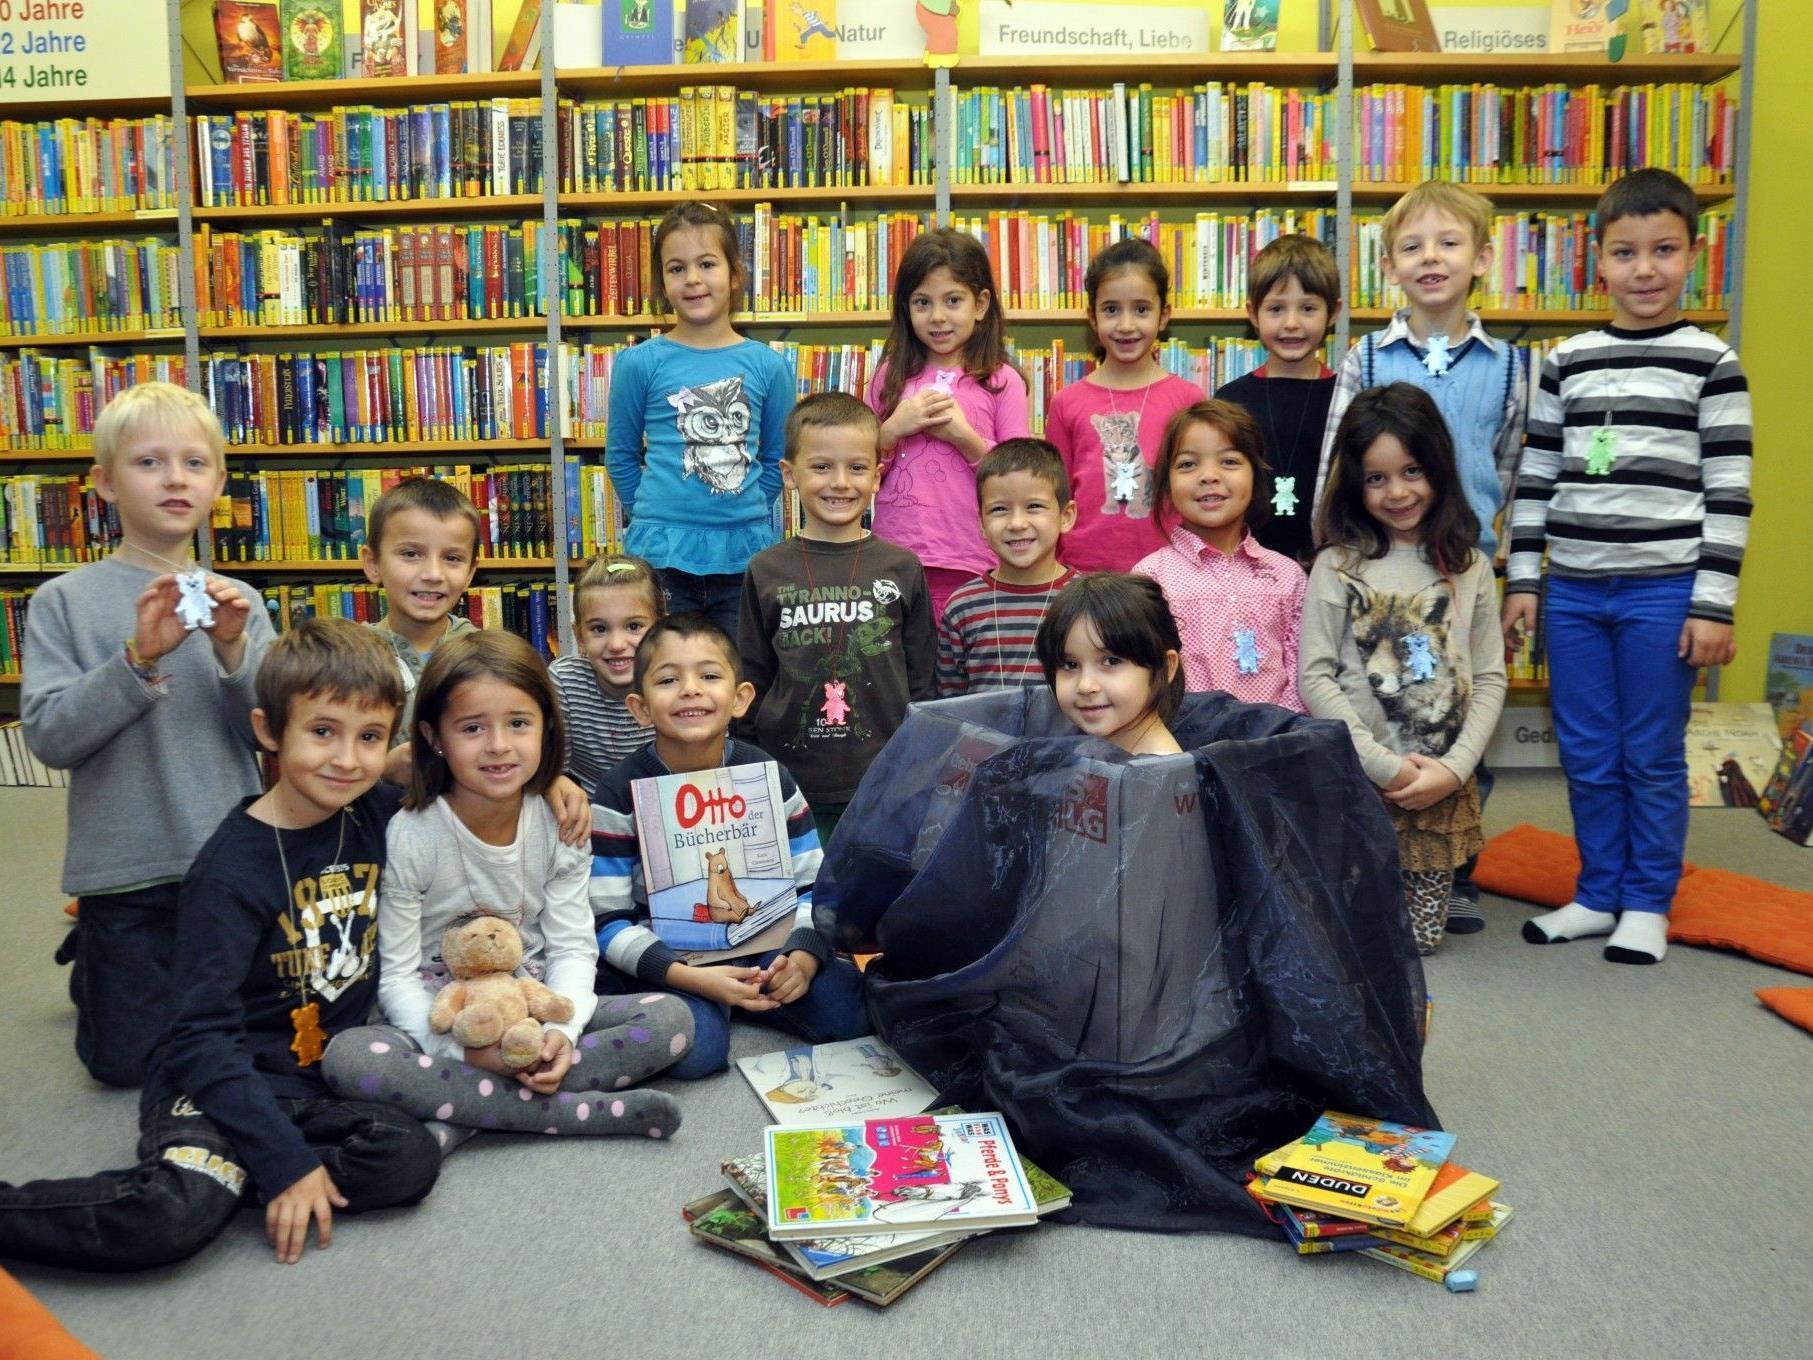 Otto der Bücherbär führte die Kinder in die Geheimnisse der Stadtbücherei Dornbirn ein.